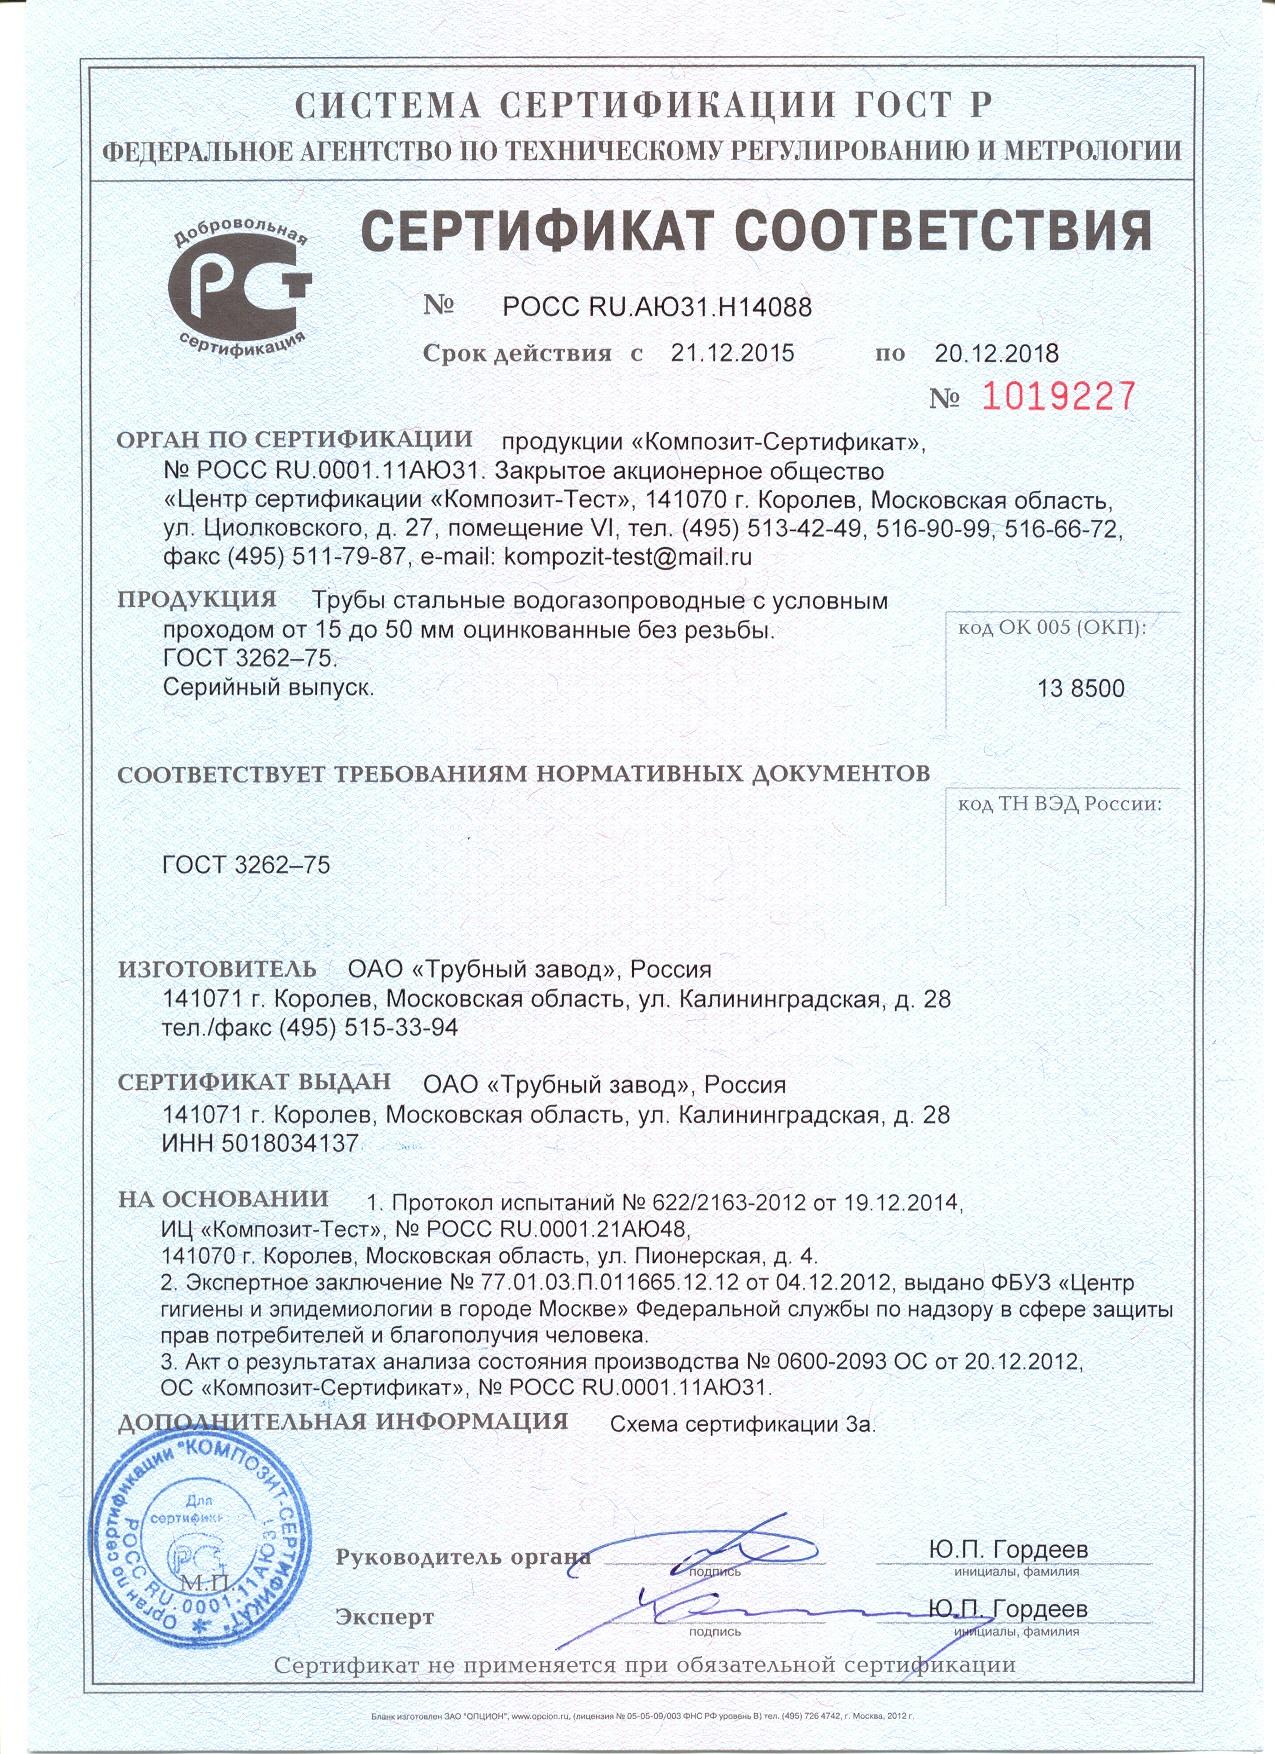 Сертификаты гост 3262 75 трубы стальные водога сертификация электротехнической лаборатории